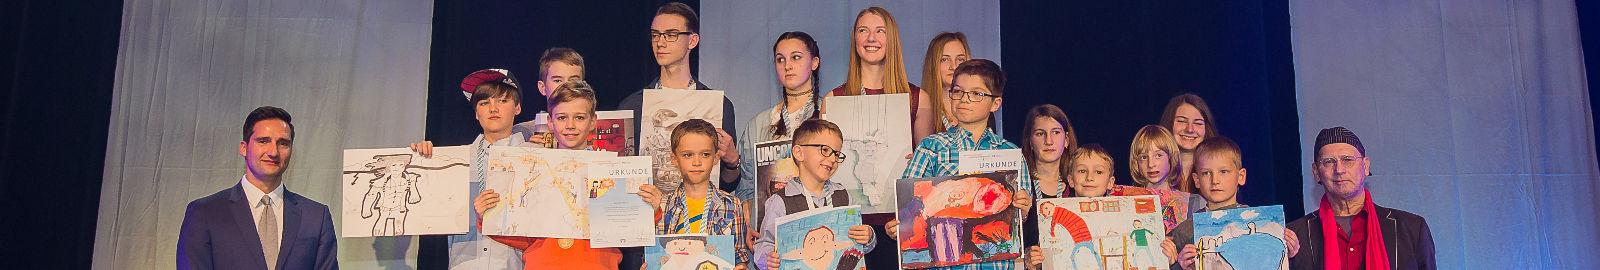 Internationaler Jugendwettbewerb Bayern